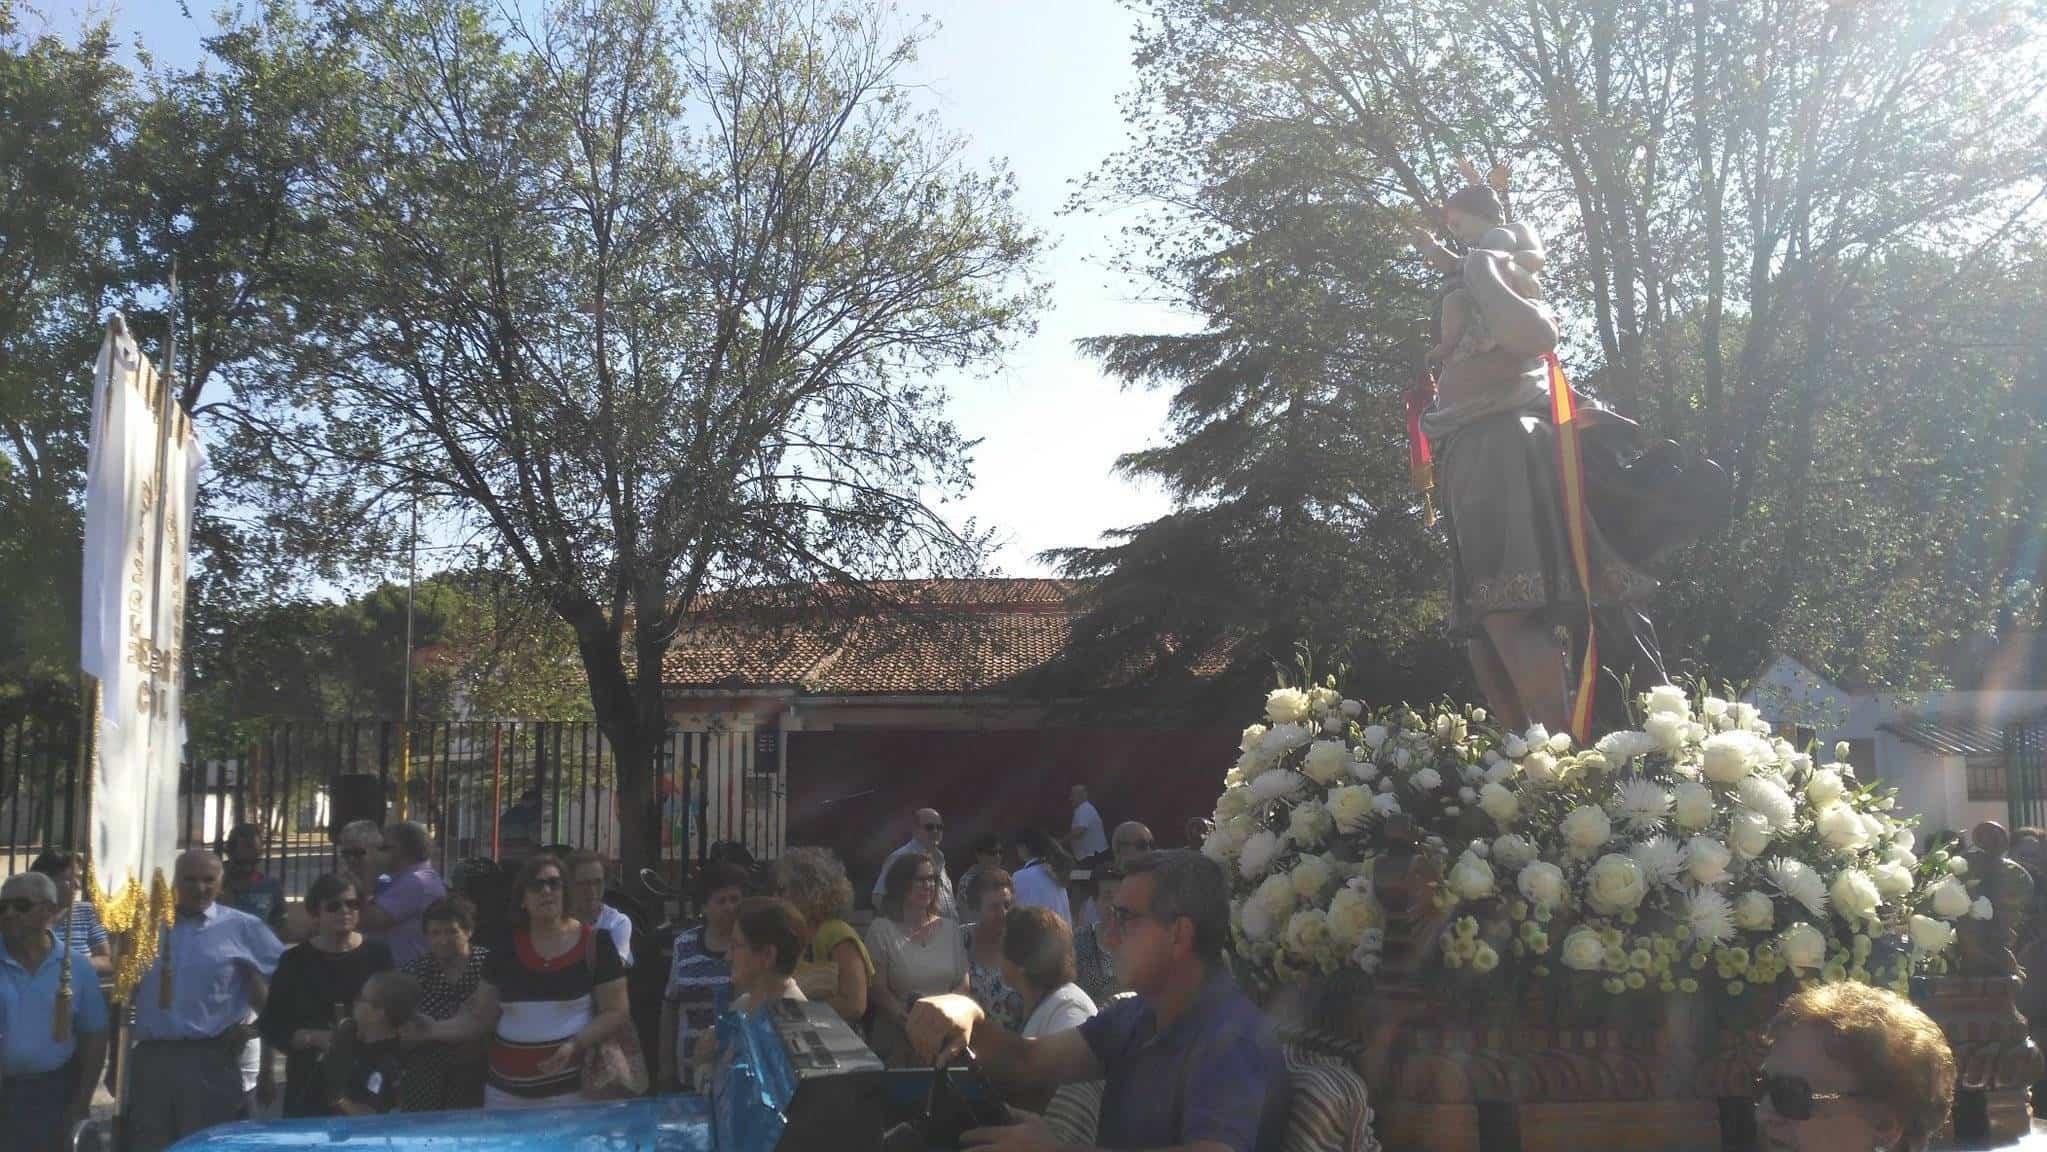 san cristobal en procesion herencia - Fotografías de la procesión de la imagen de San Cristóbal